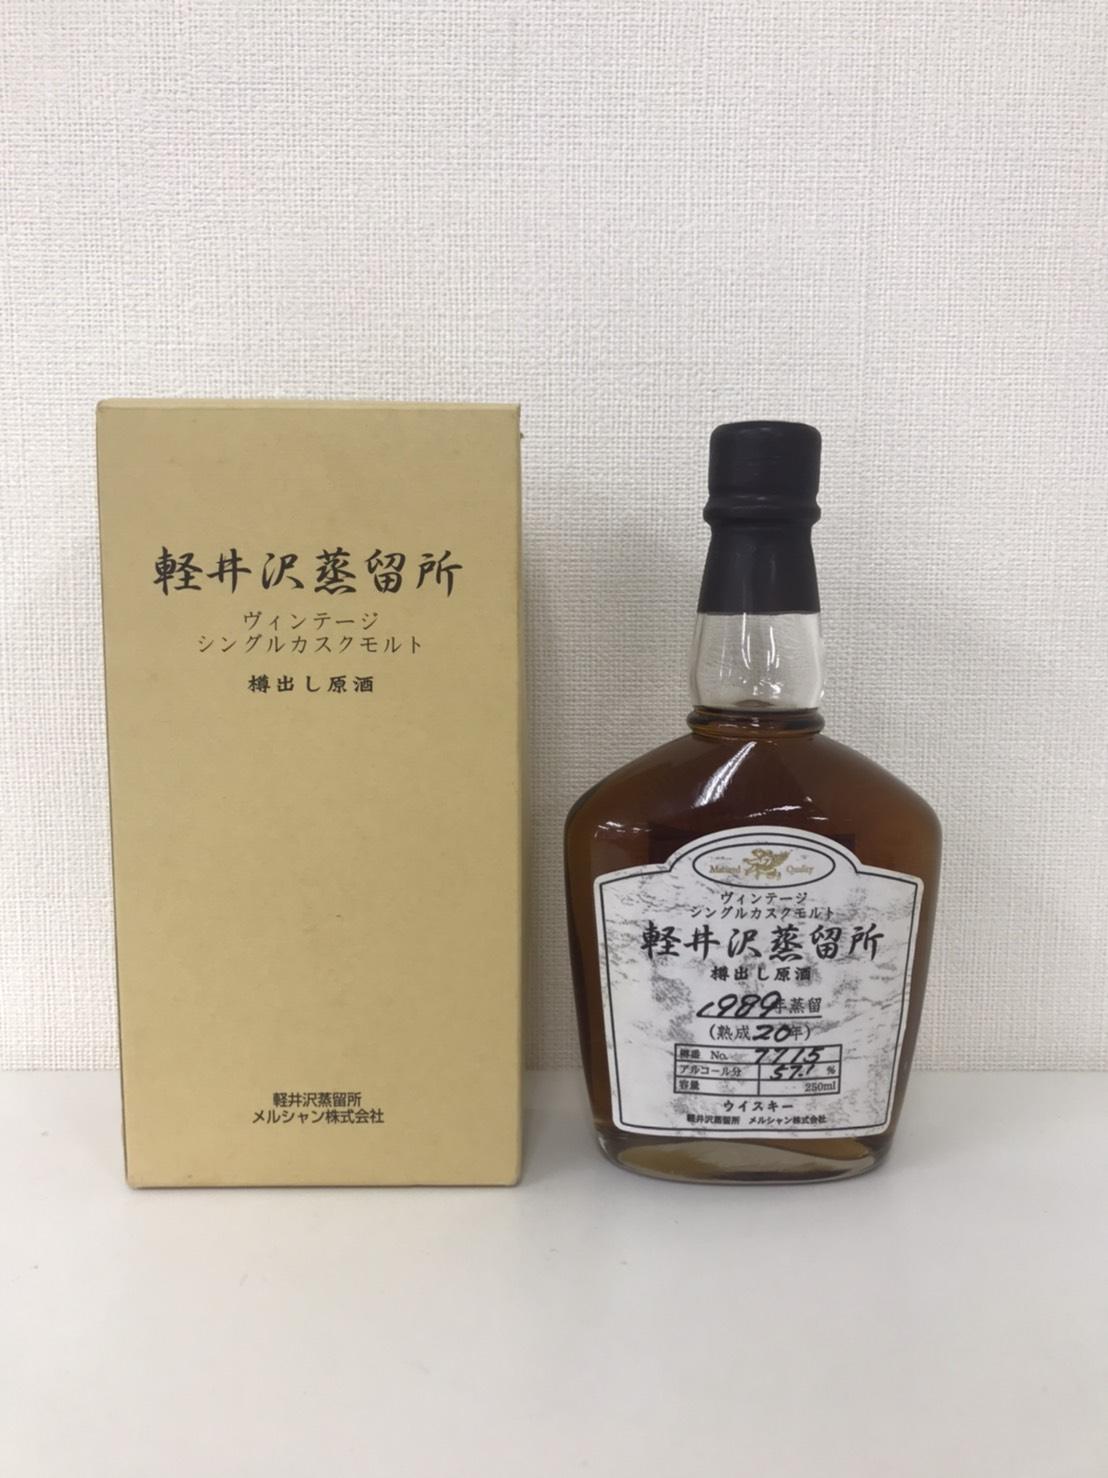 軽井沢蒸留所 樽出し原酒1989年蒸留 熟成20年